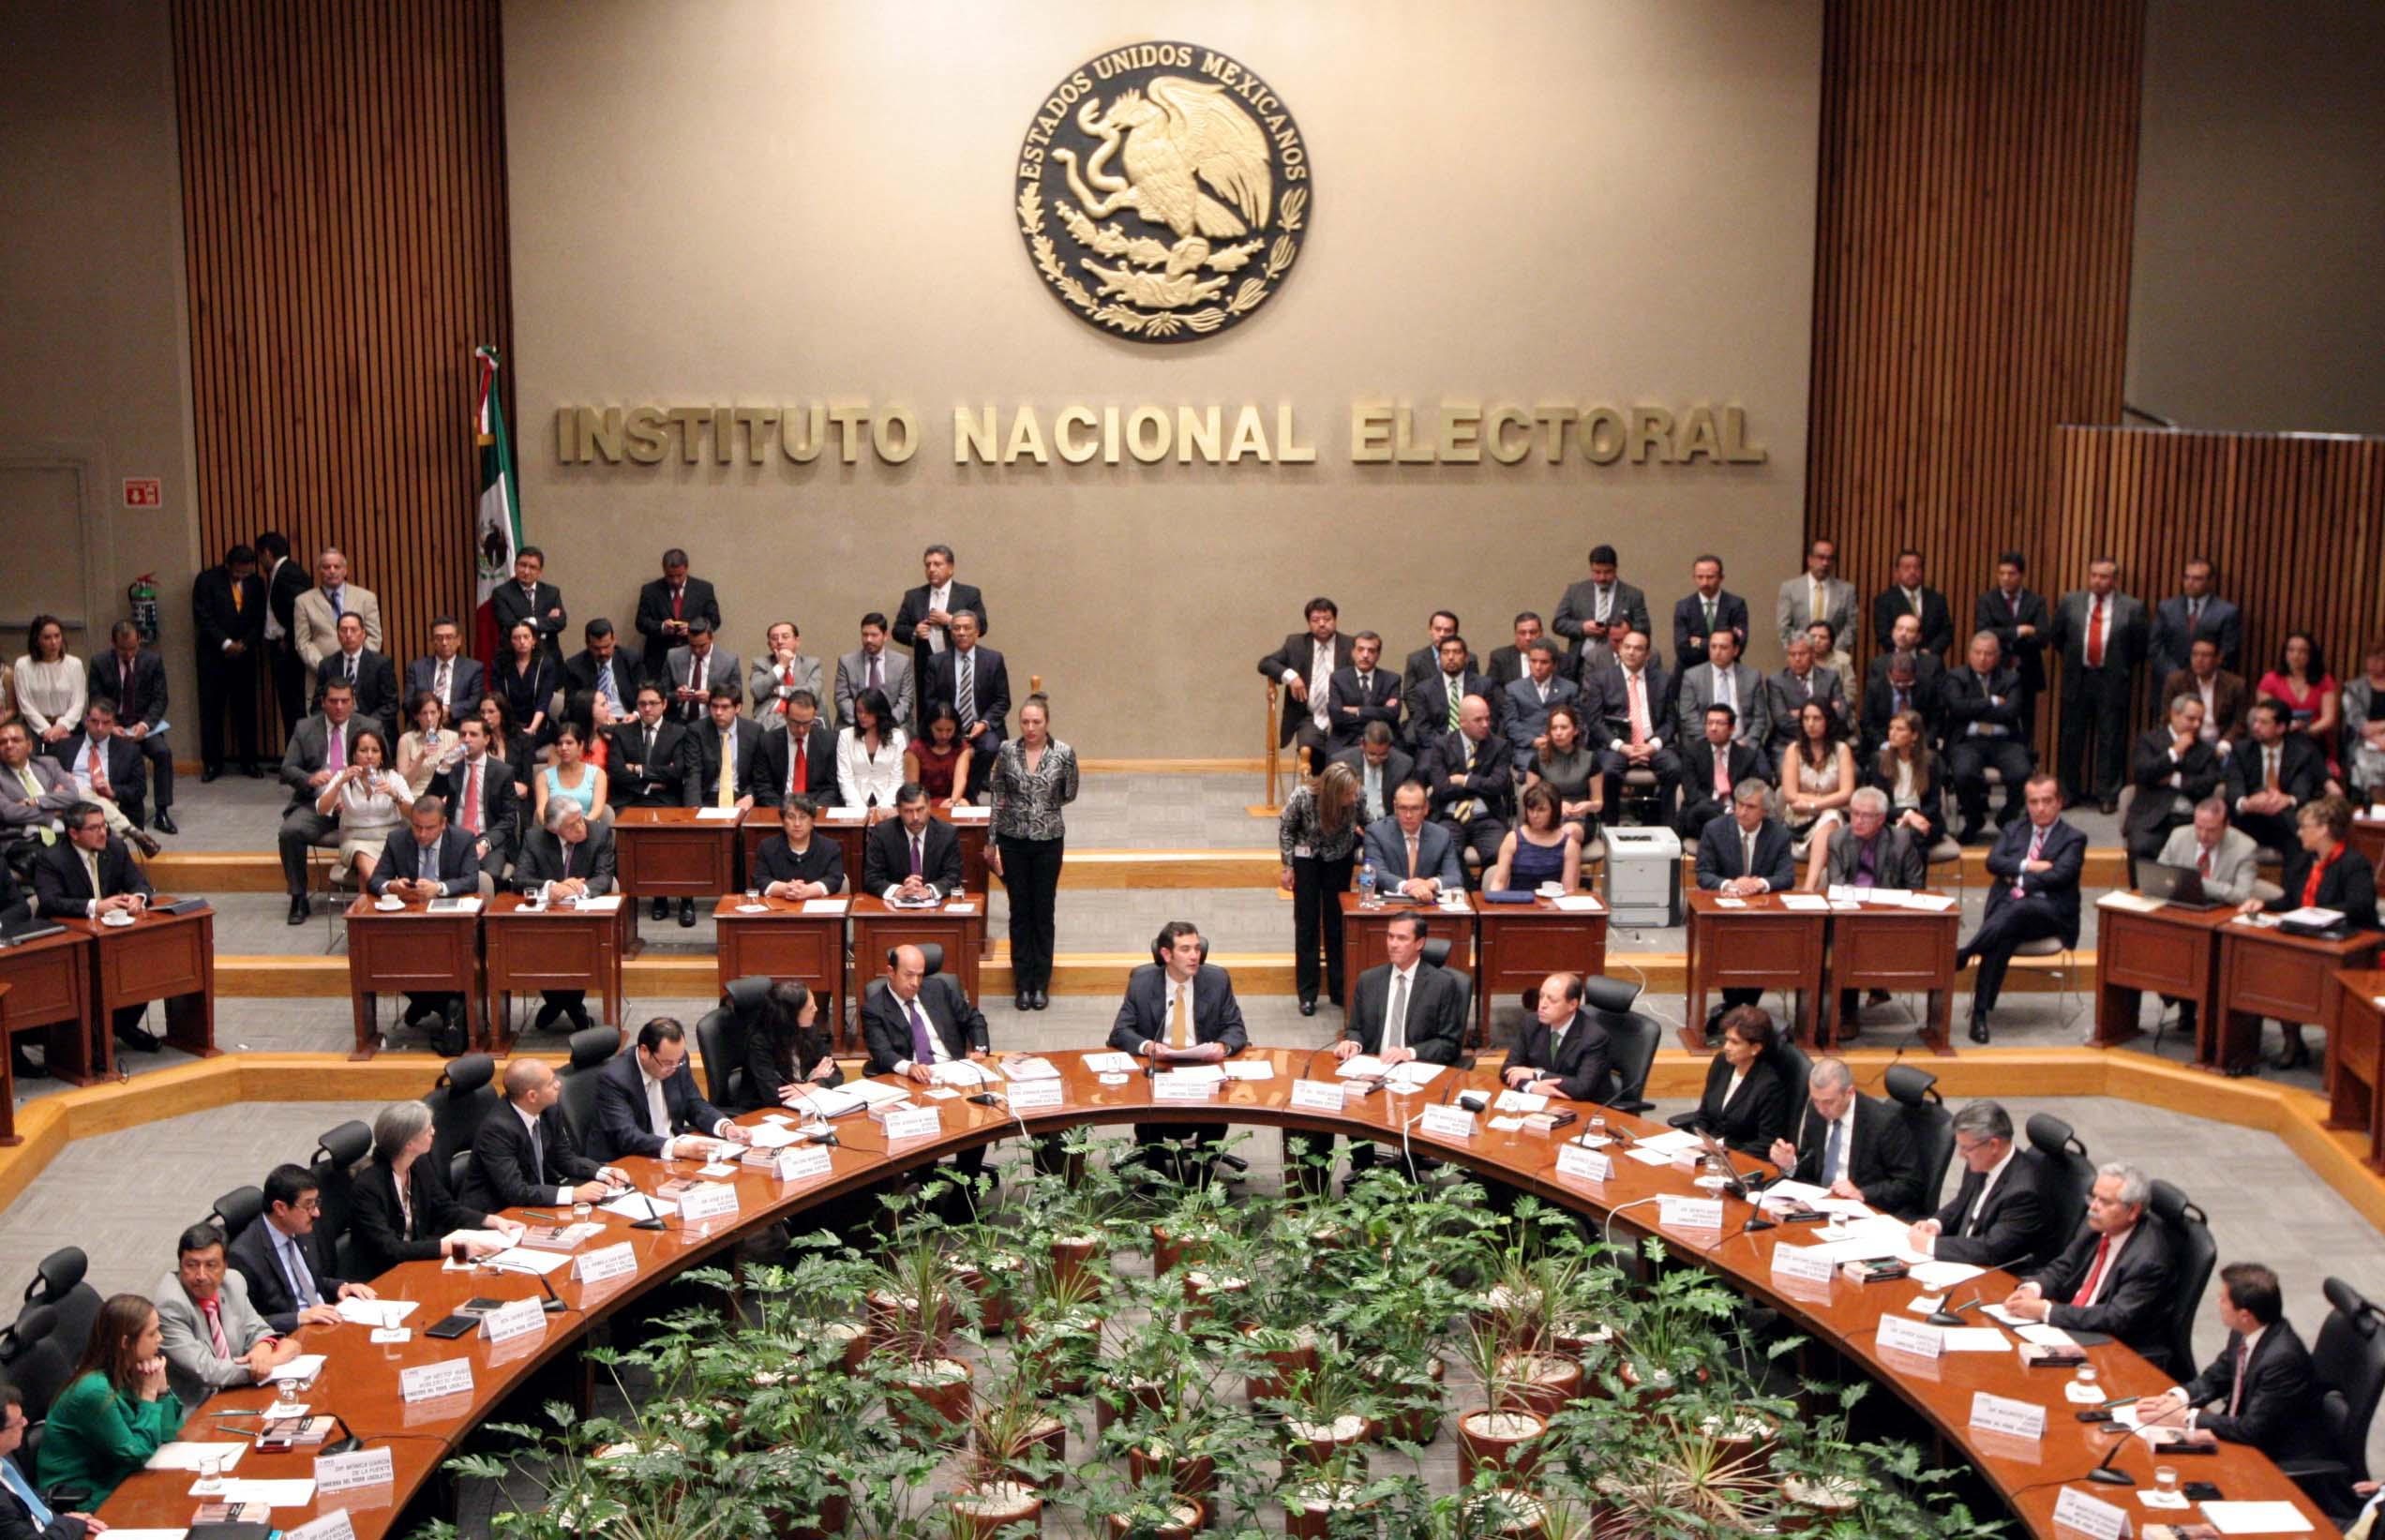 Recorte y fiscalización a partidos, insiste Ramírez Marín